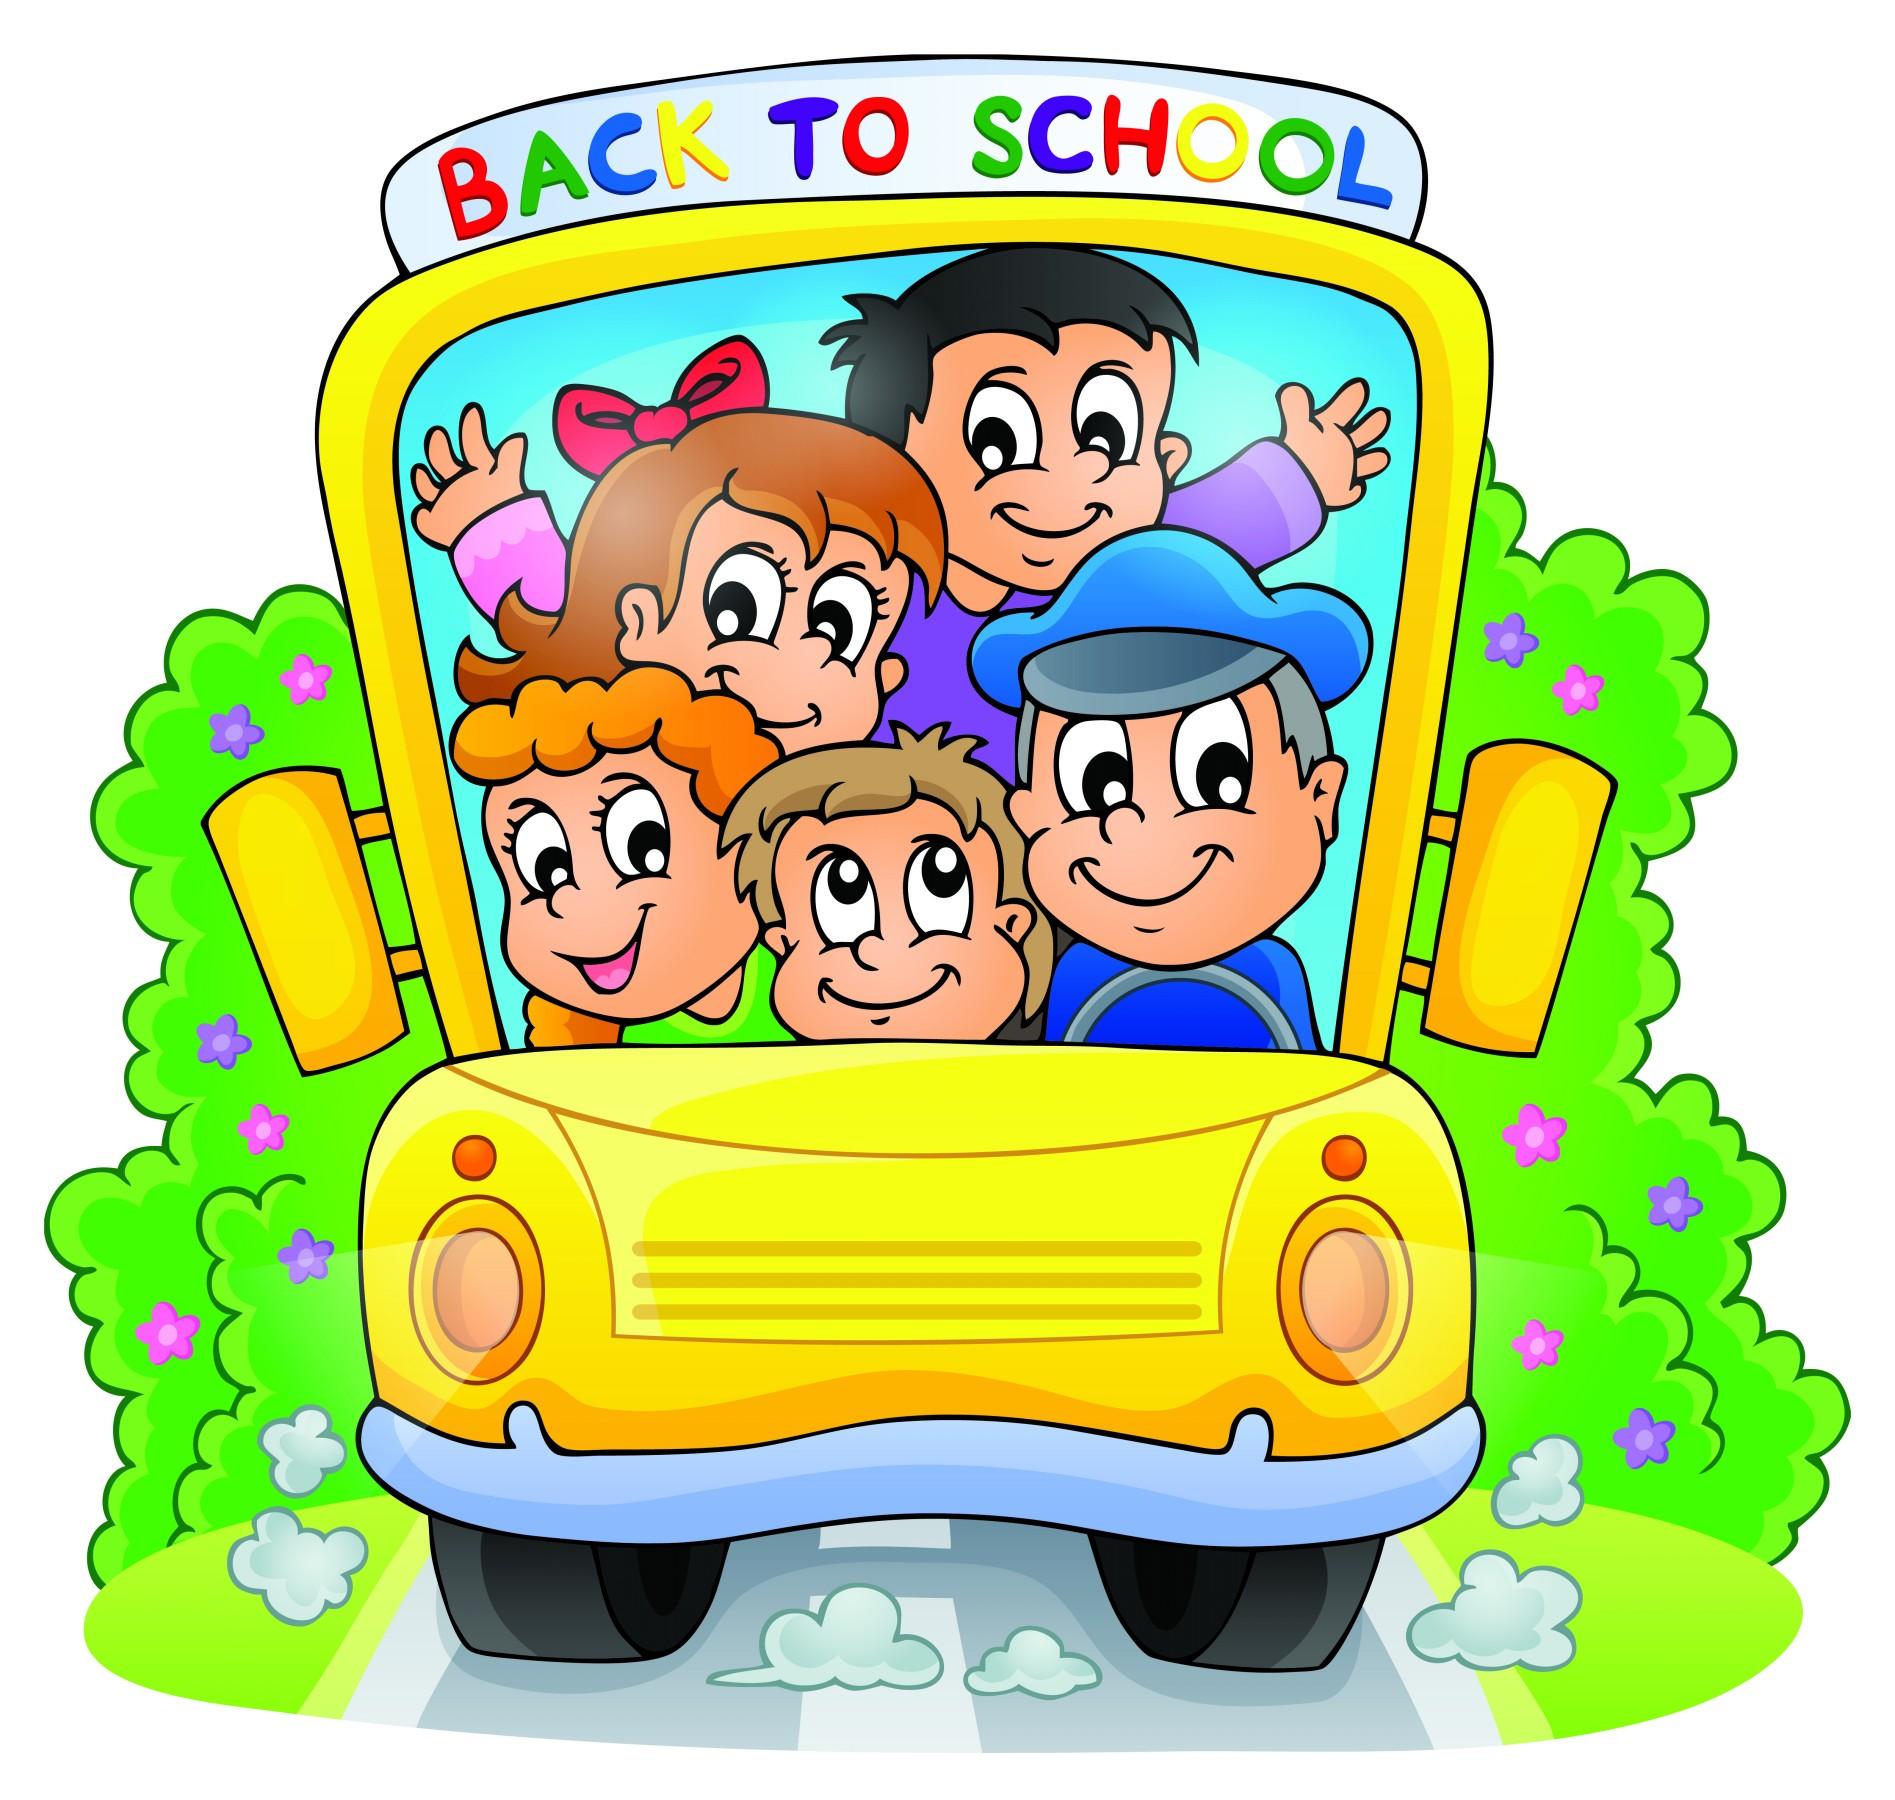 September 1 Back to School Bus Elsoar 1895x1800